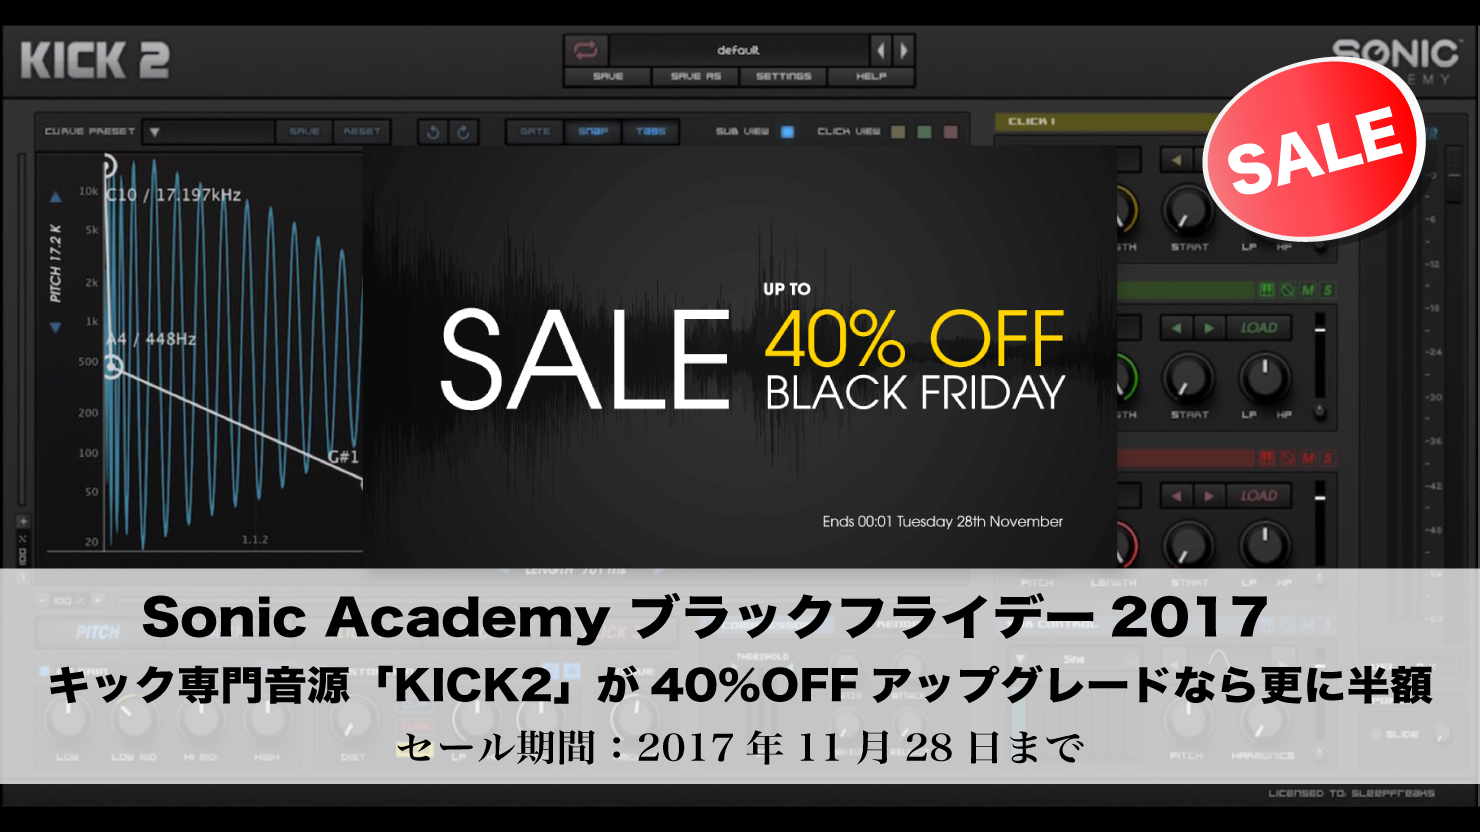 【最大40%OFF】Sonic Academy ブラックフライデー2017 人気の「KICK2」がセール中!